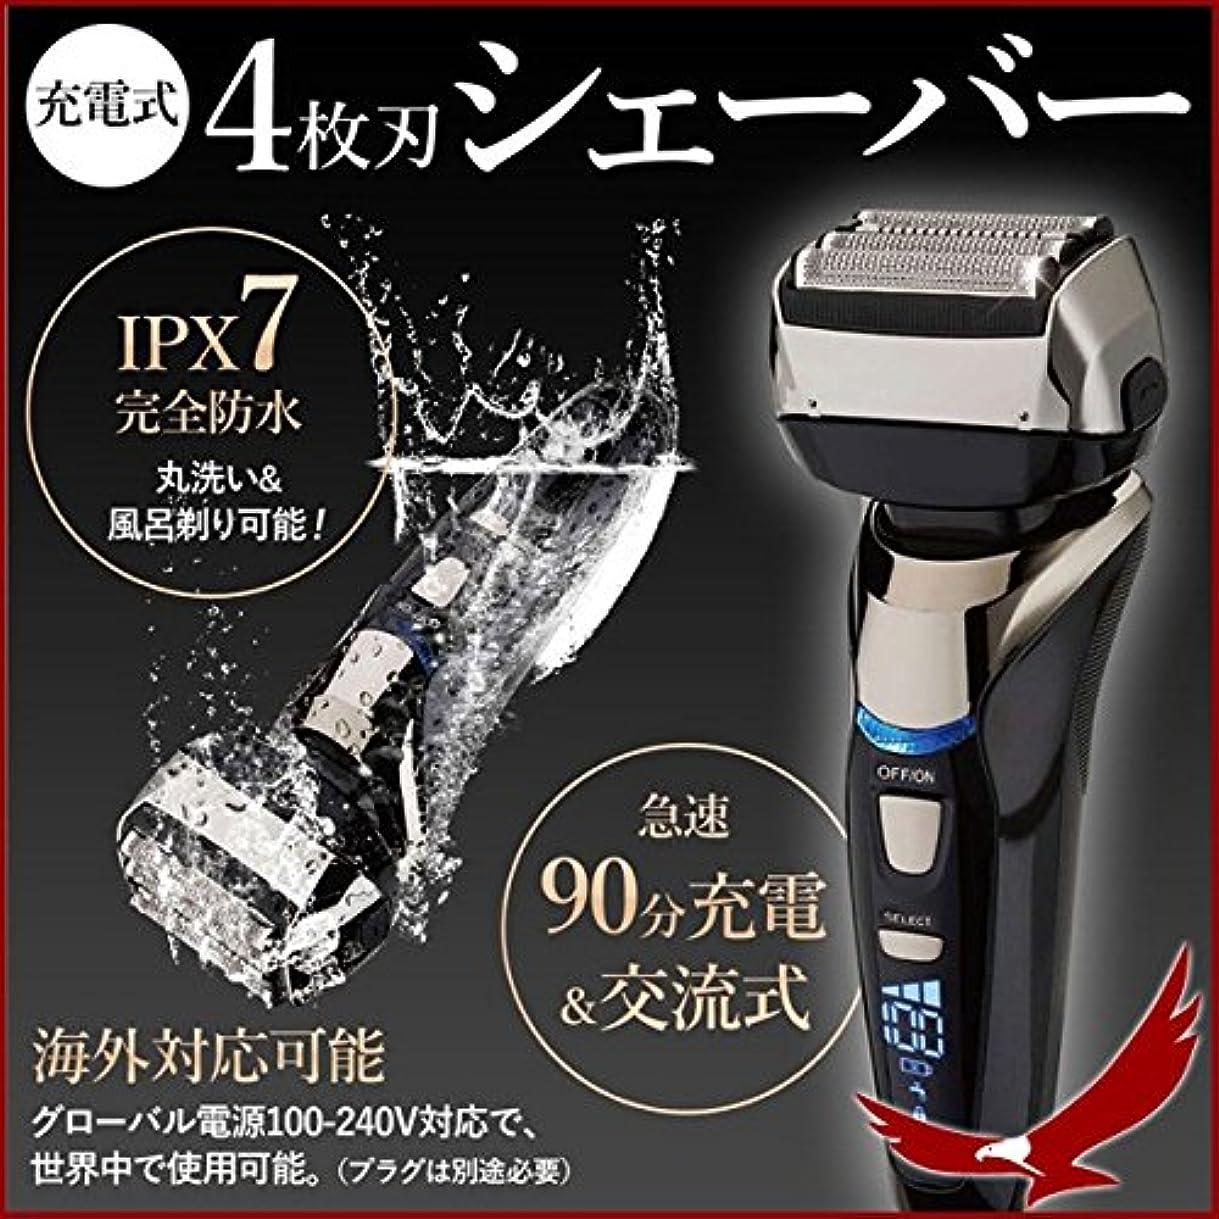 生産的狂乱ピラミッド4枚刃充交両用シェーバー GD-S401 完全防水!丸洗いOK! (黒)